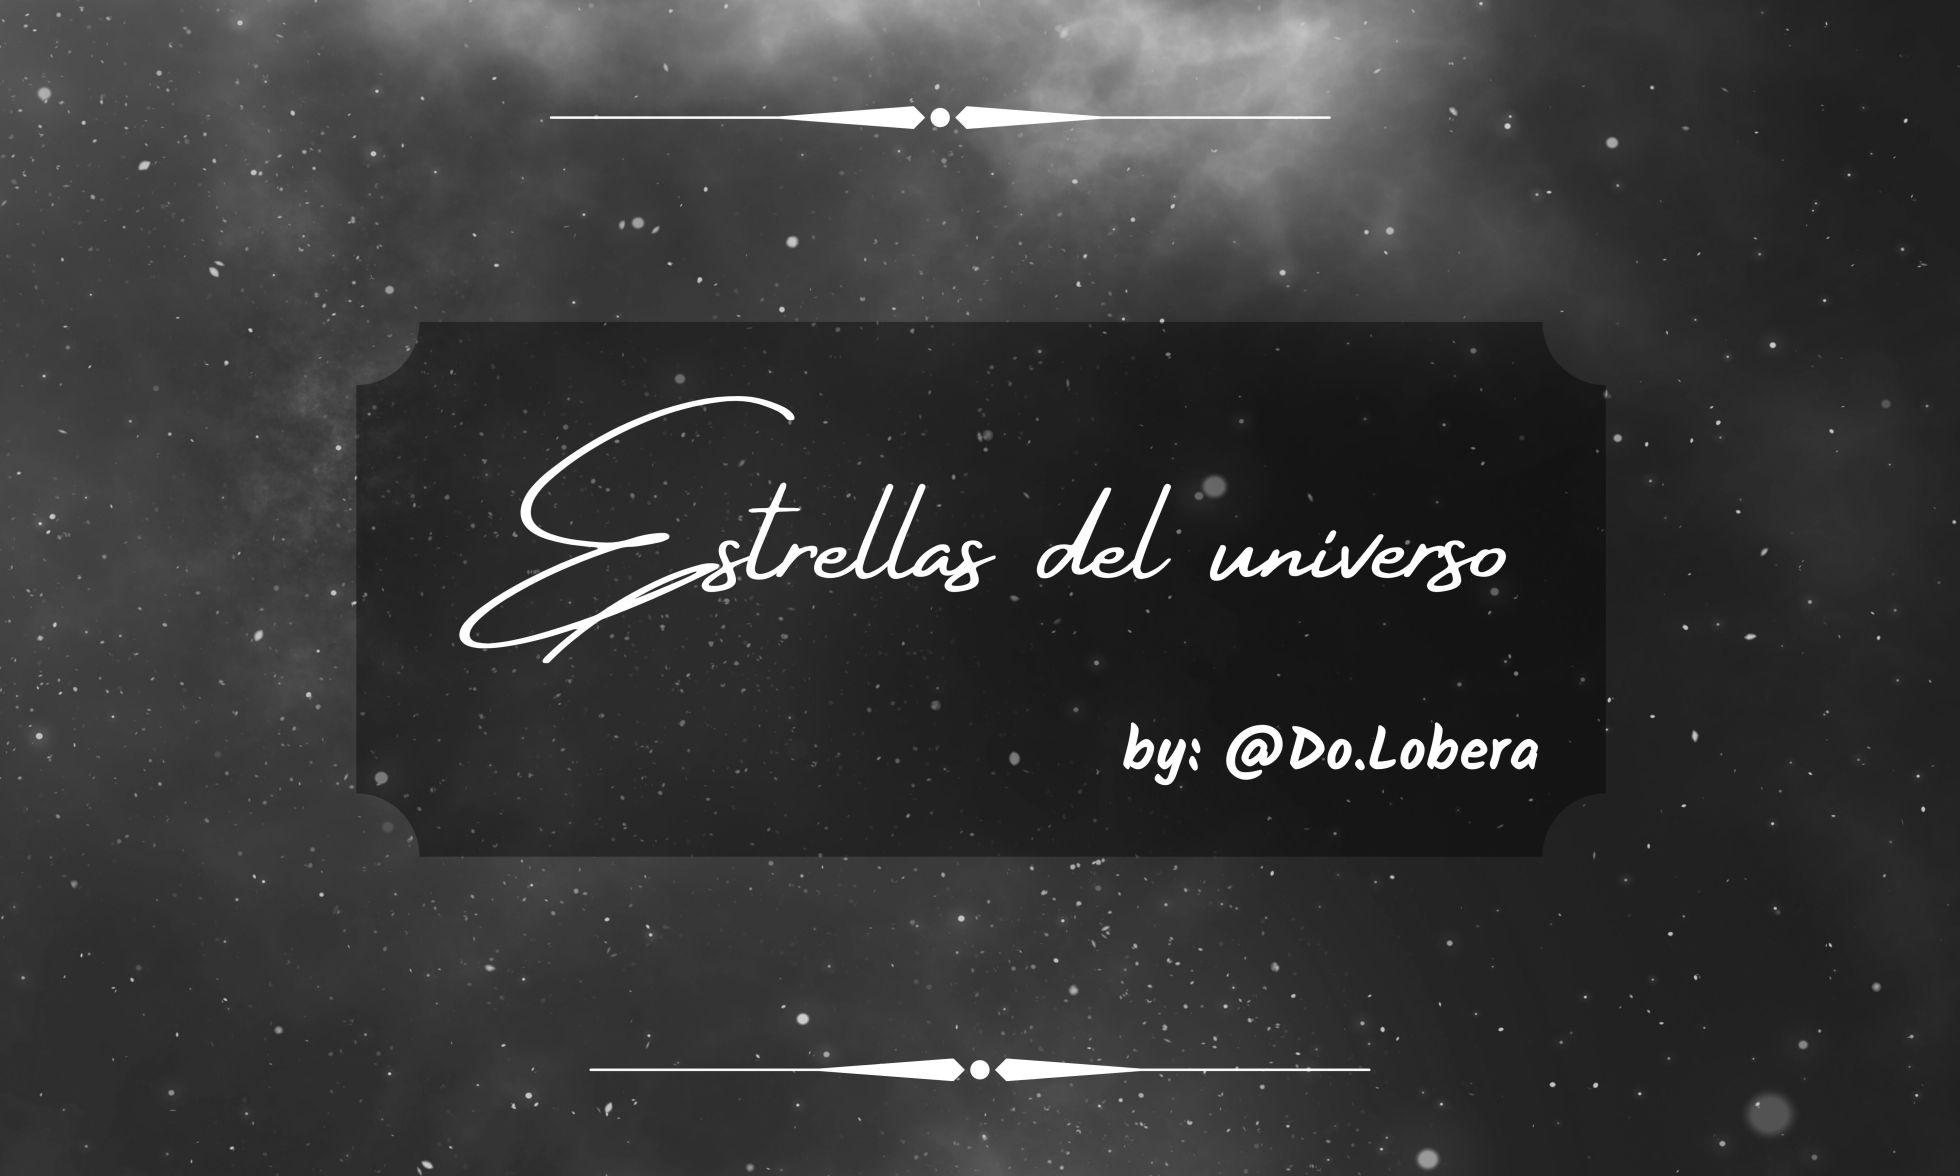 Estrellas del universo - by do.lobera